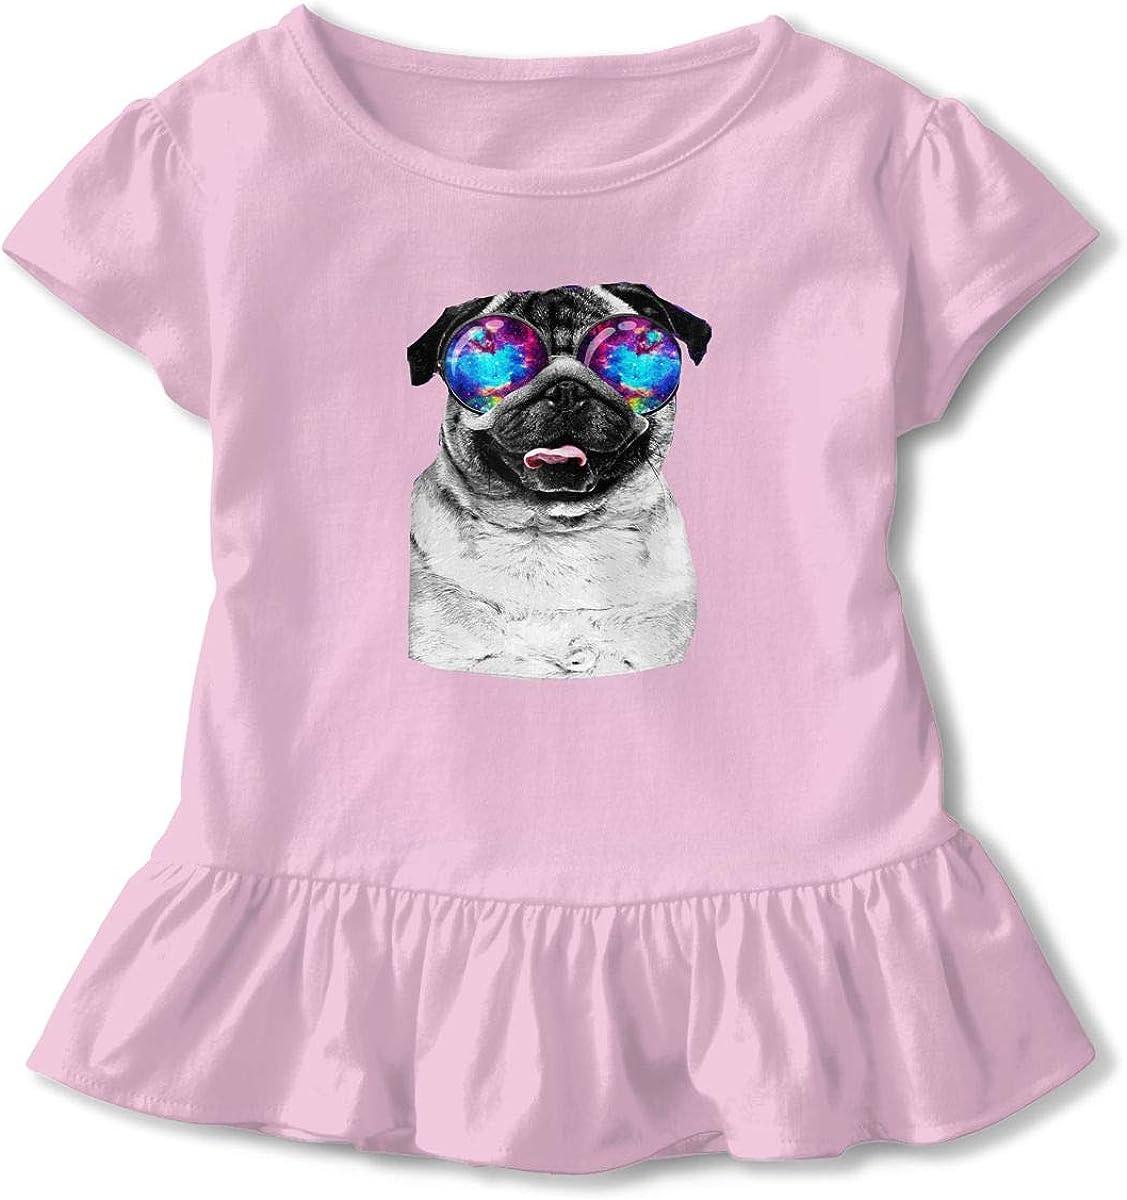 Cheng Jian Bo Galaxy Pug with Cool Glass Toddler Girls T Shirt Kids Cotton Short Sleeve Ruffle Tee